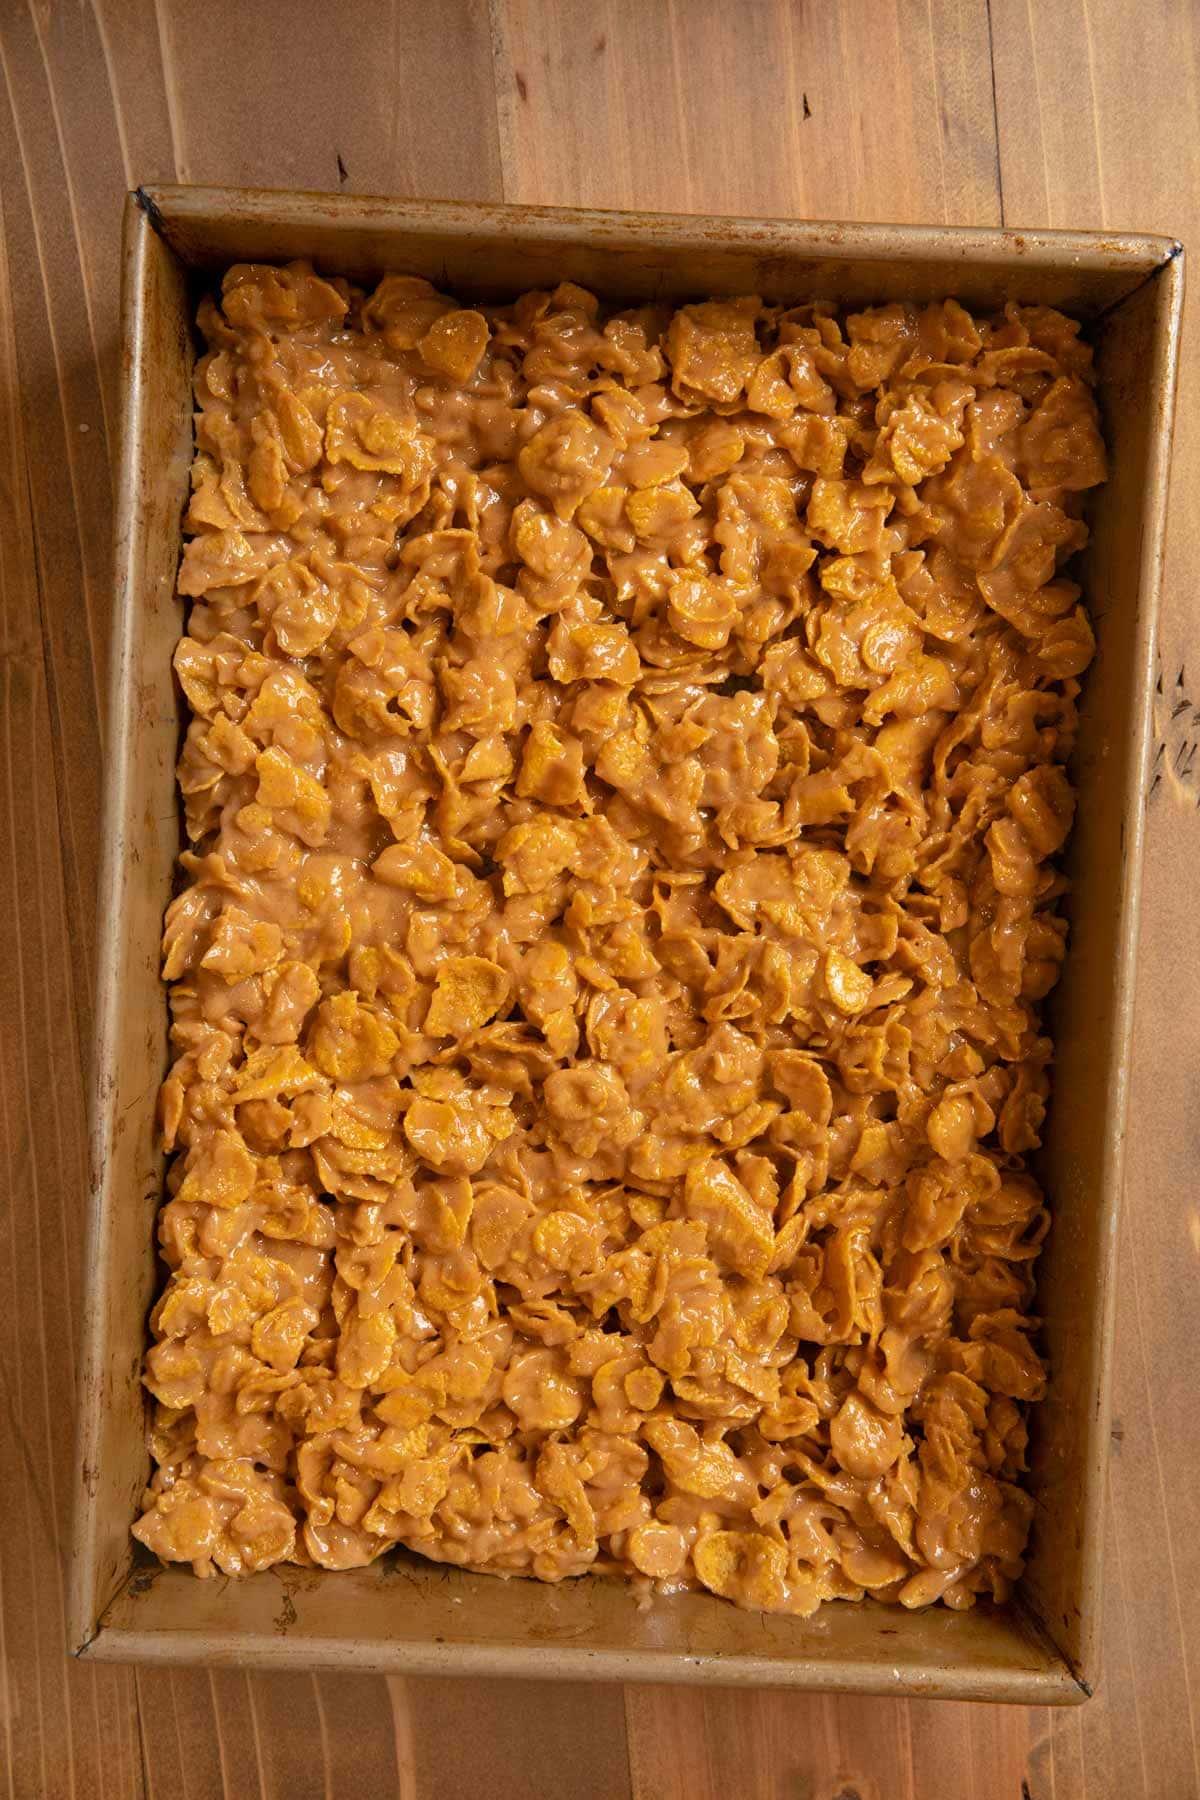 Peanut Butter Cornflake Bars in baking dish